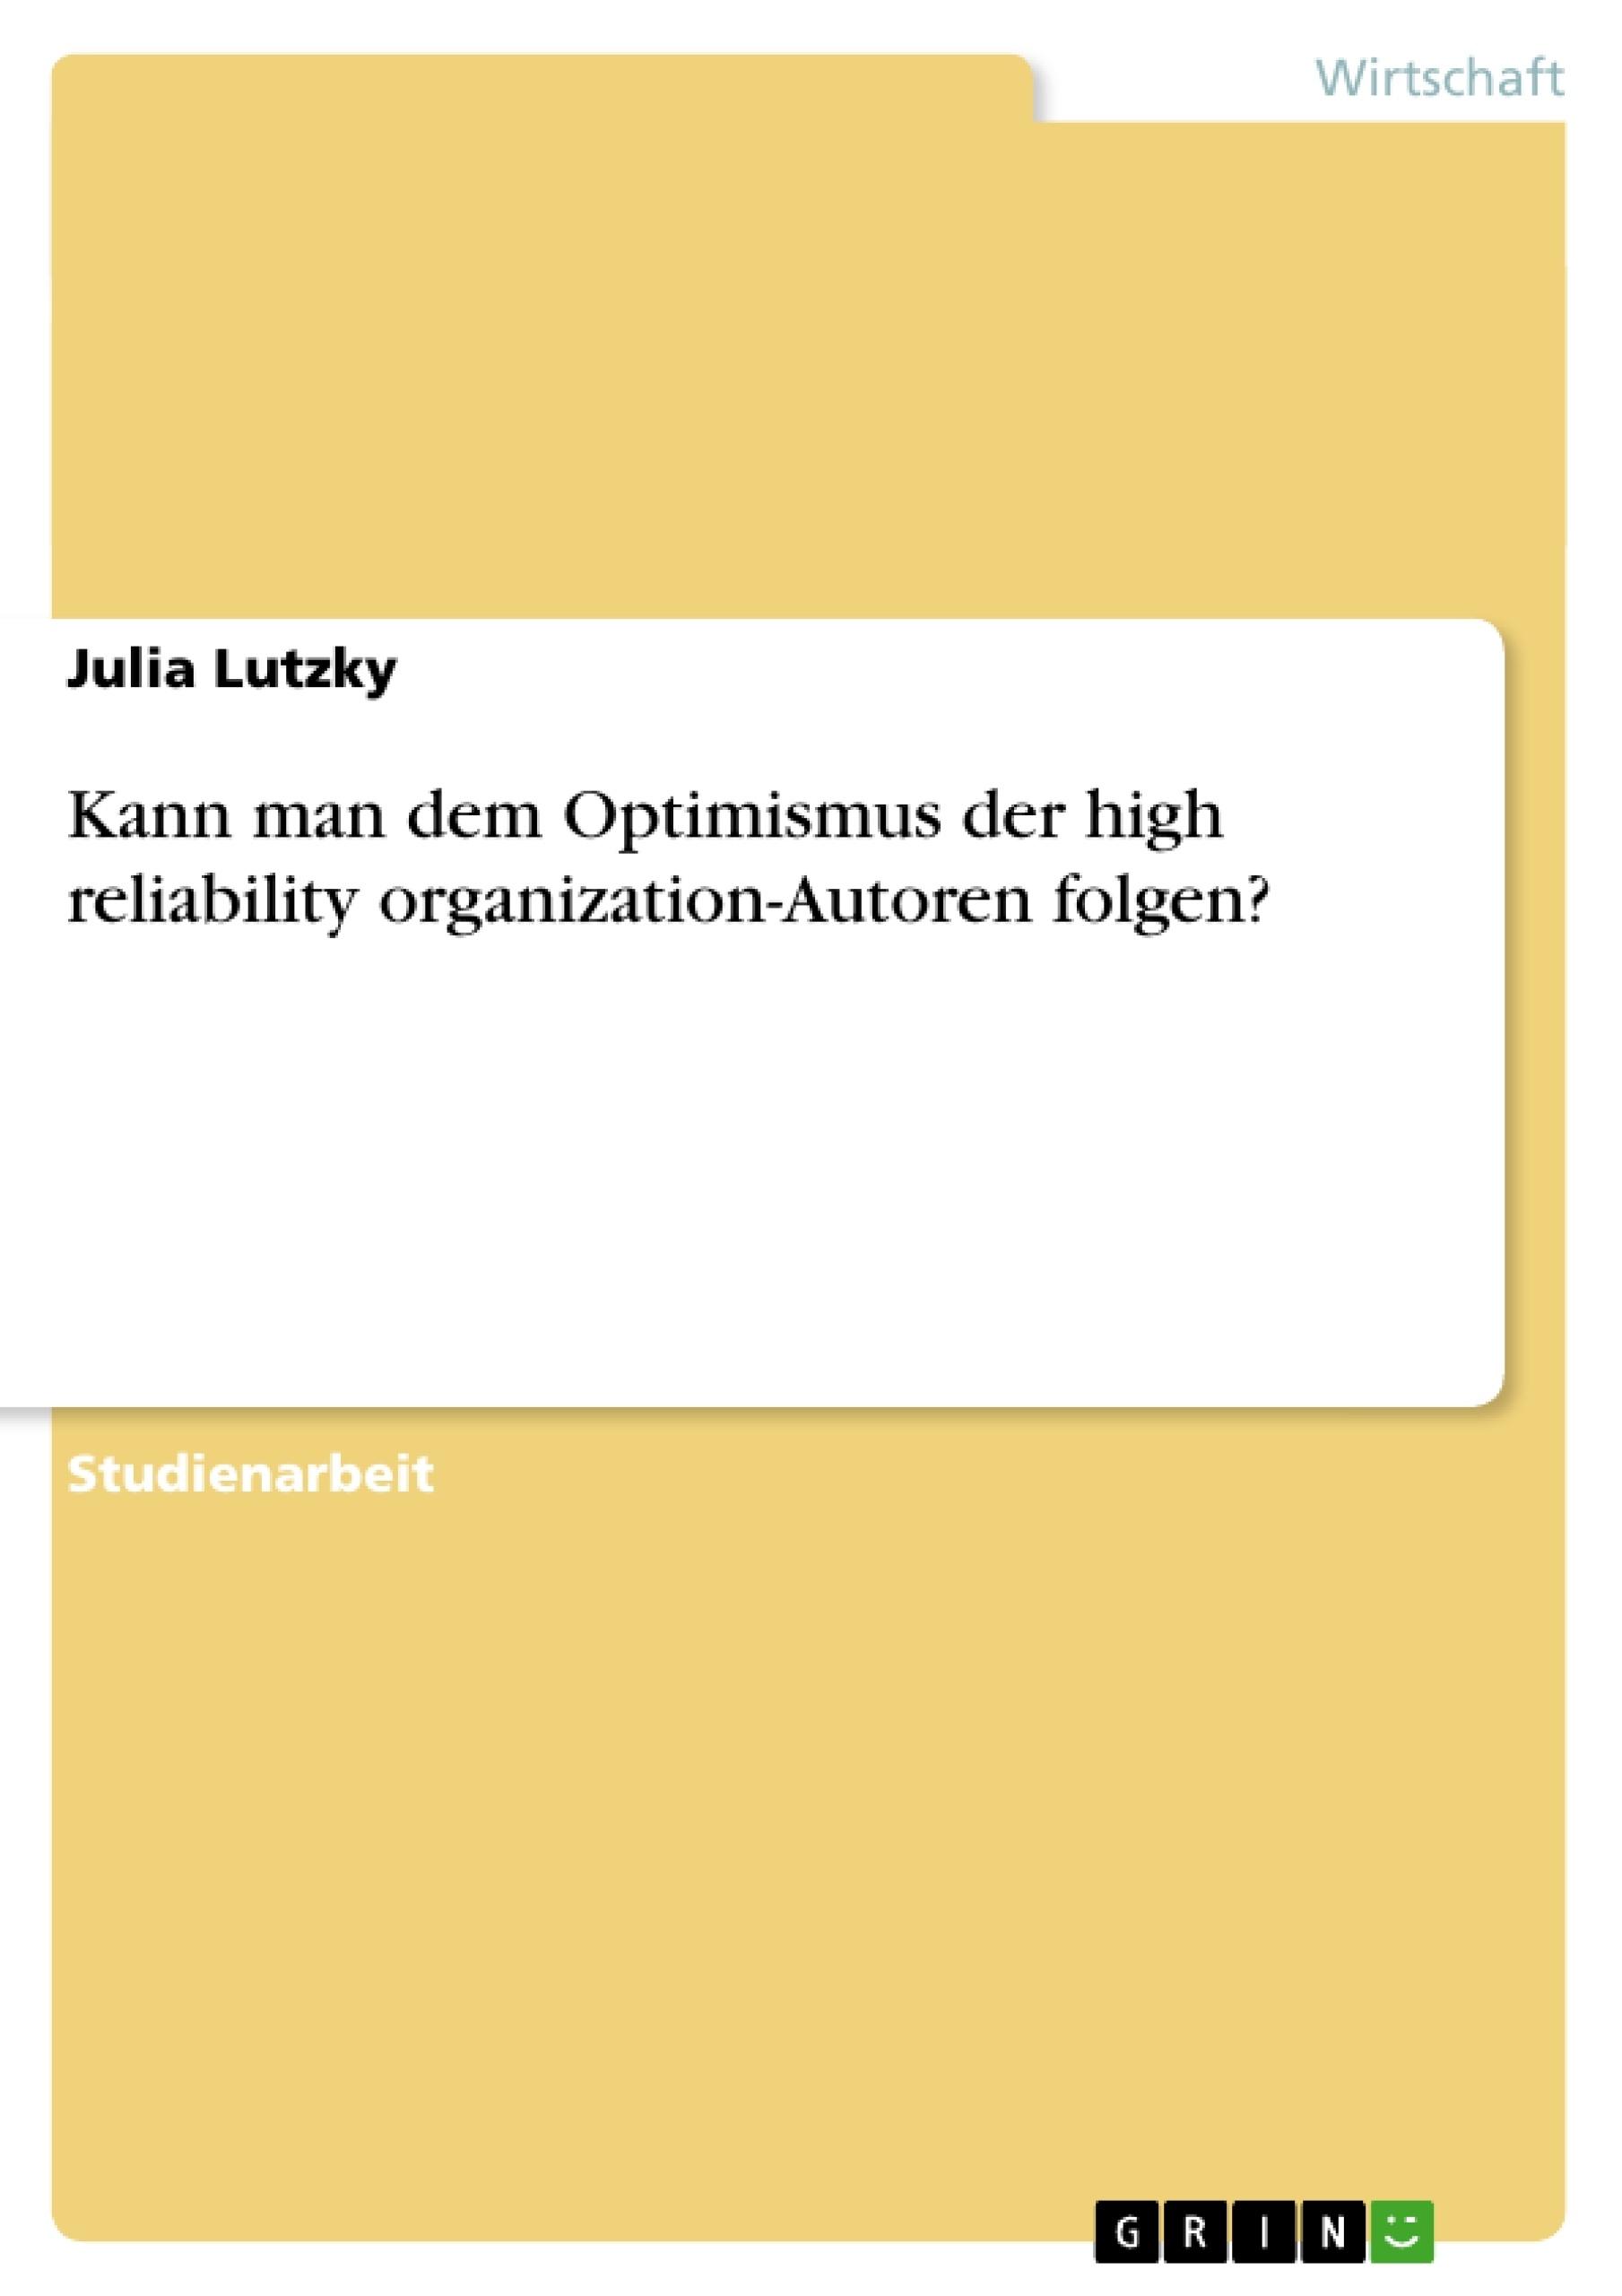 Titel: Kann man dem Optimismus der high reliability organization-Autoren folgen?